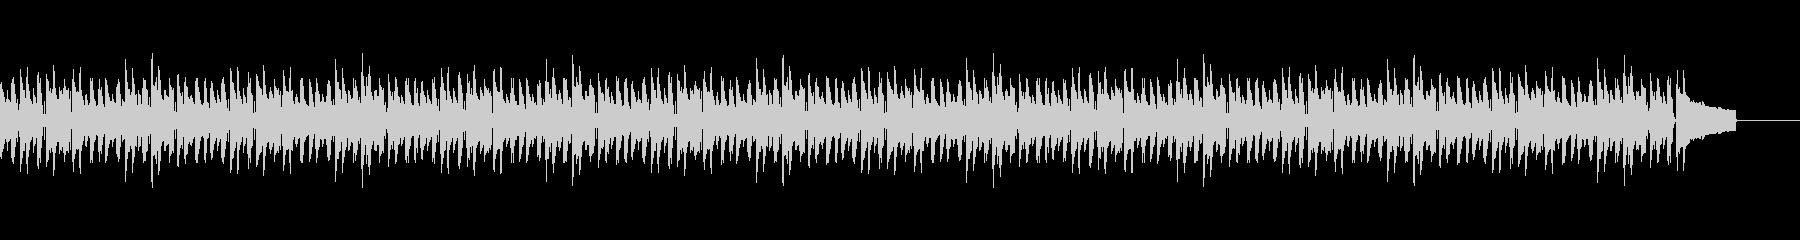 日常系BGMdの未再生の波形